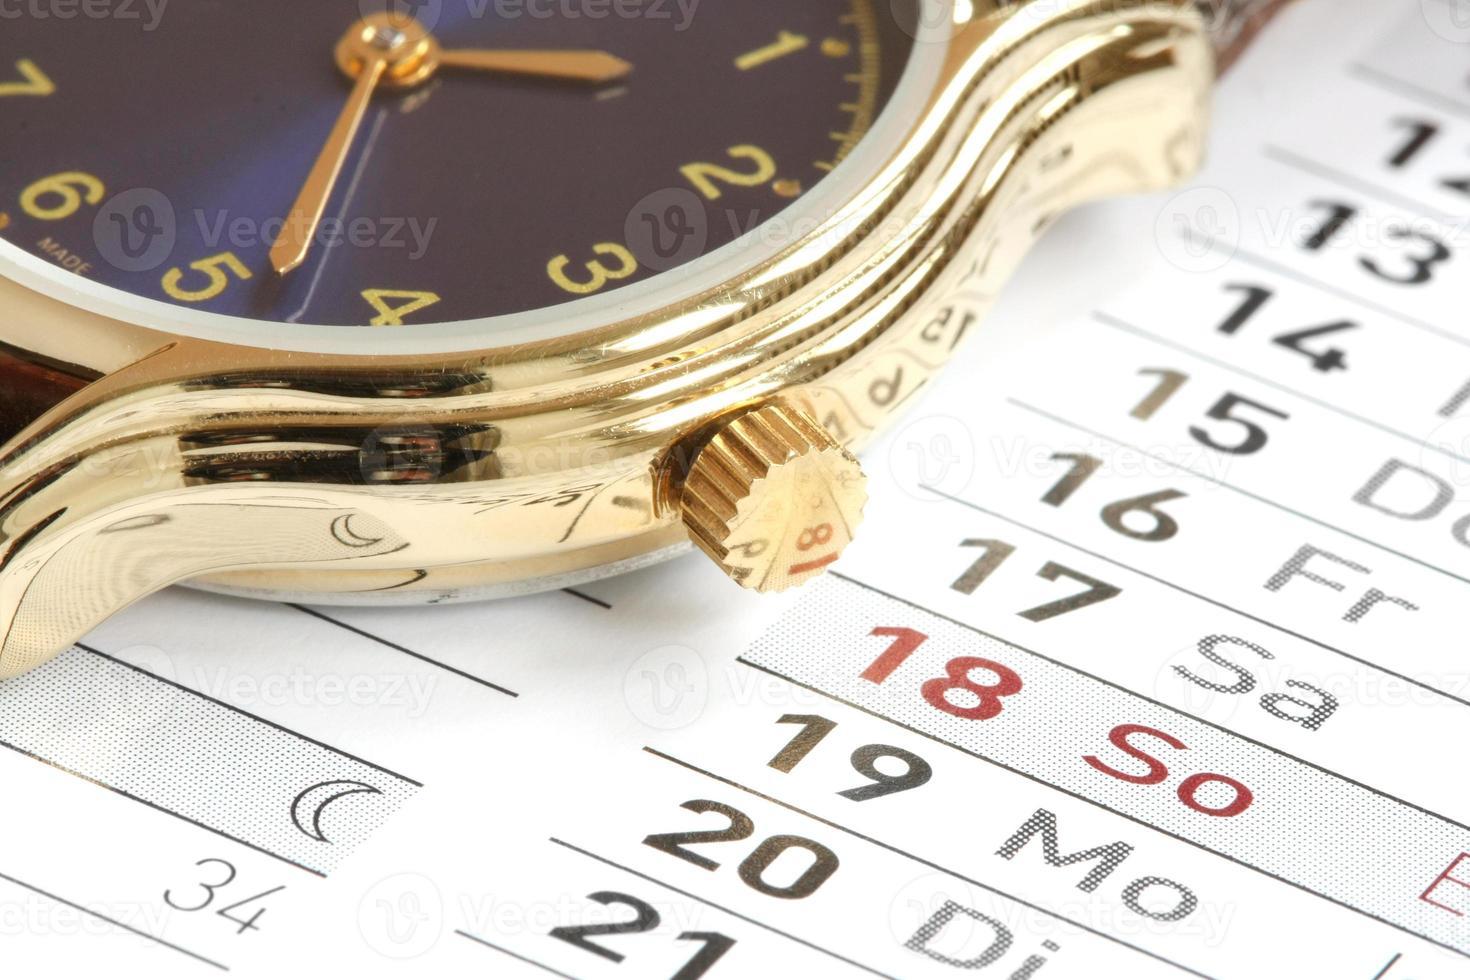 polshorloge op de kalenderachtergrond foto